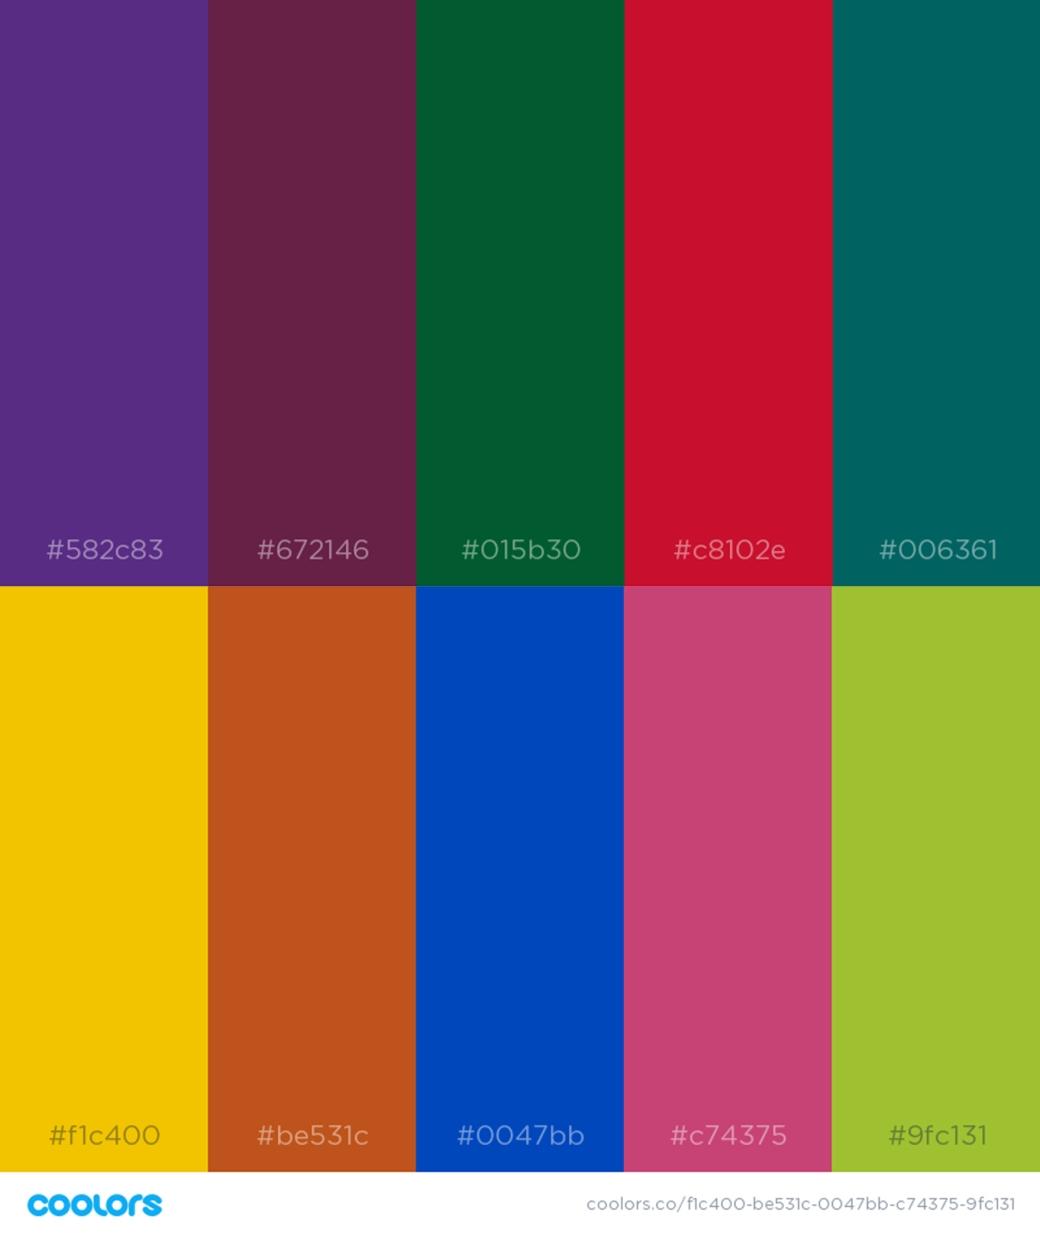 Letti colours